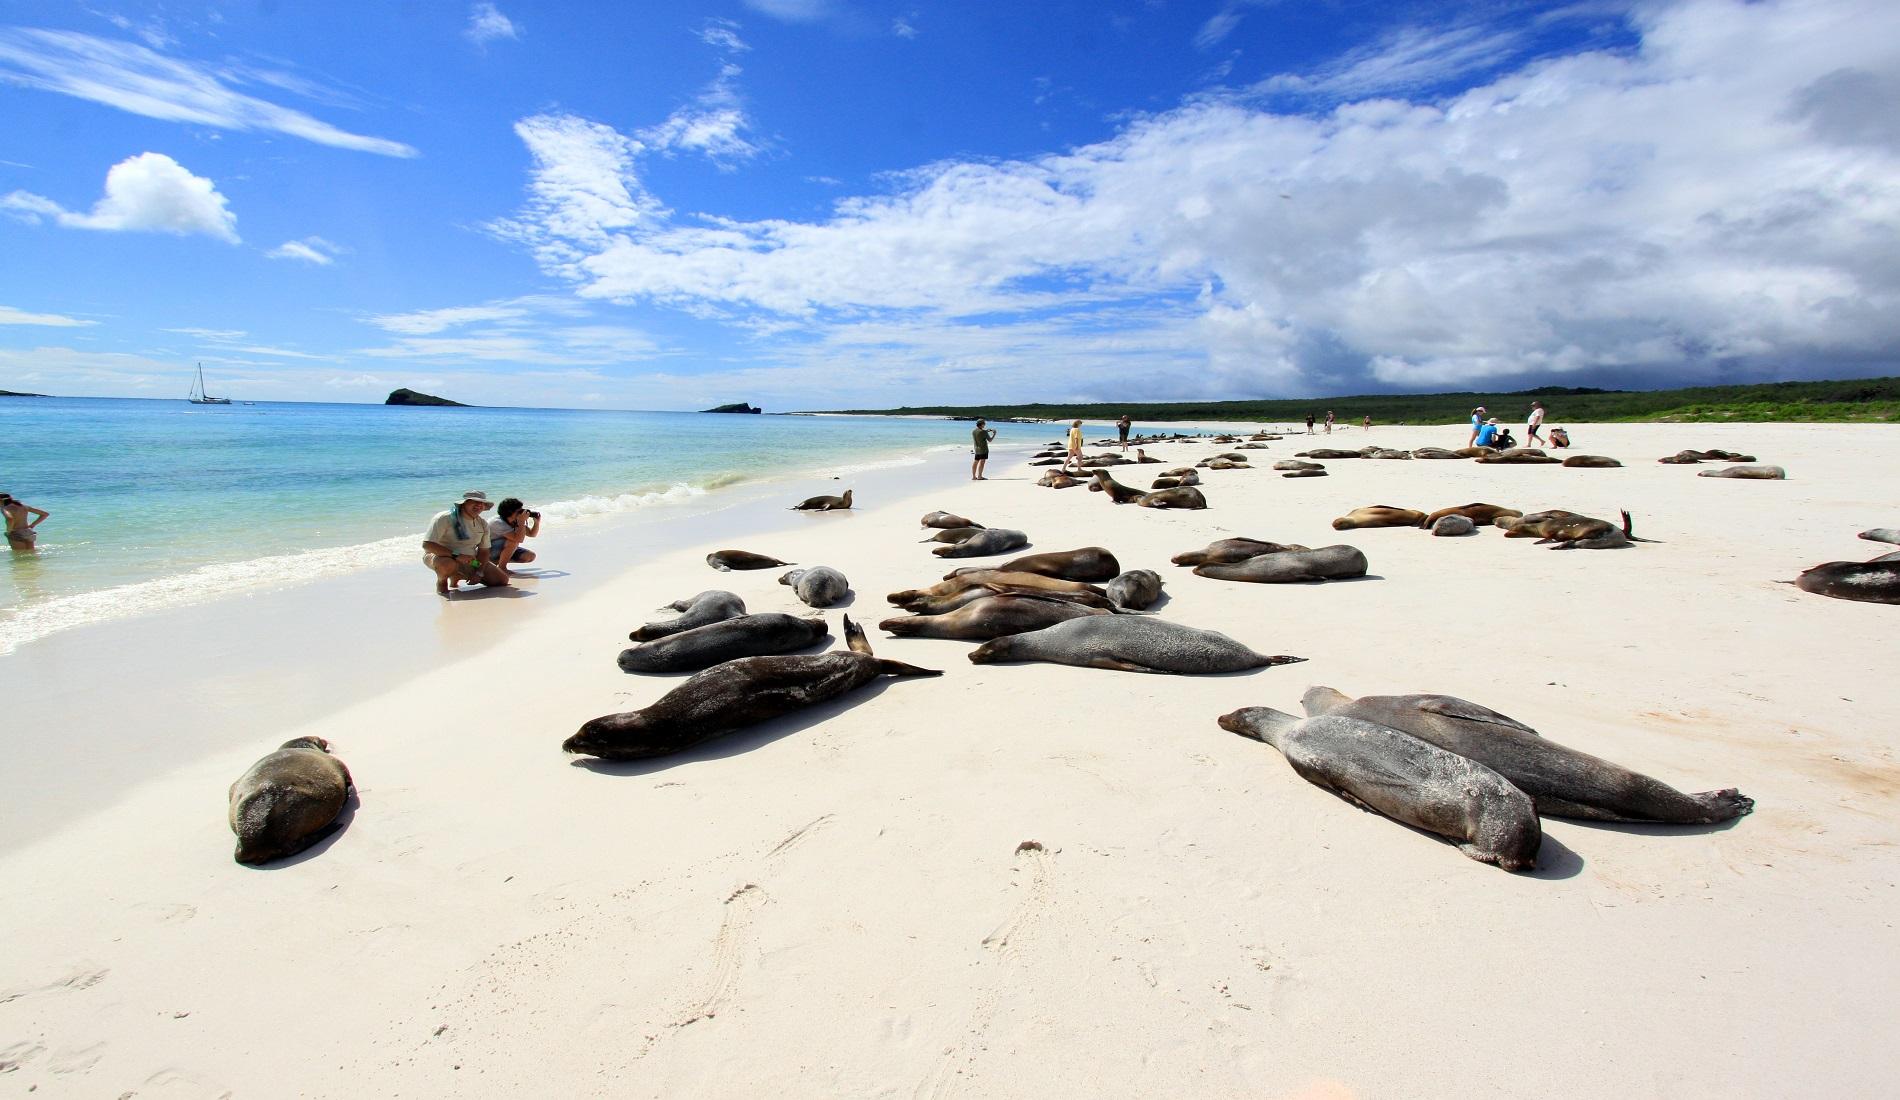 zeeleeuwen rondreis ecuador en galapagos